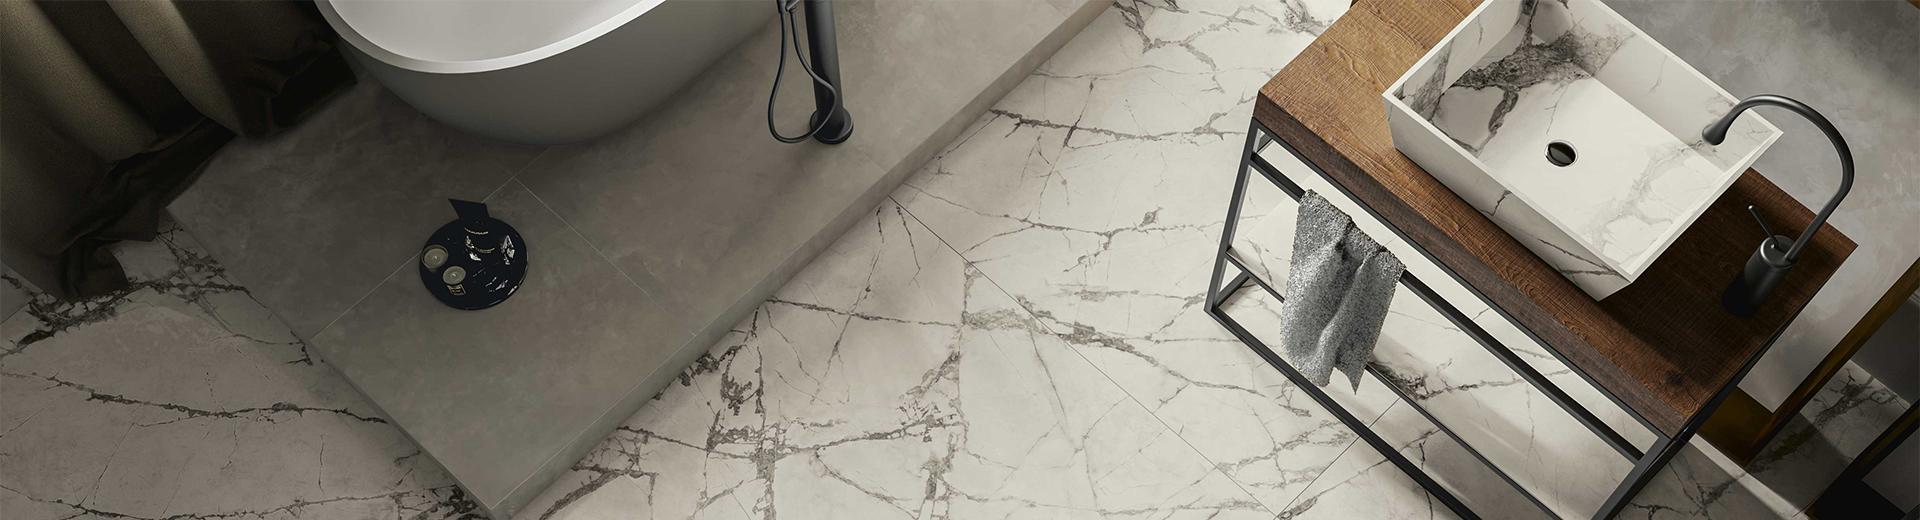 tile supply uk floor tiles ceramic